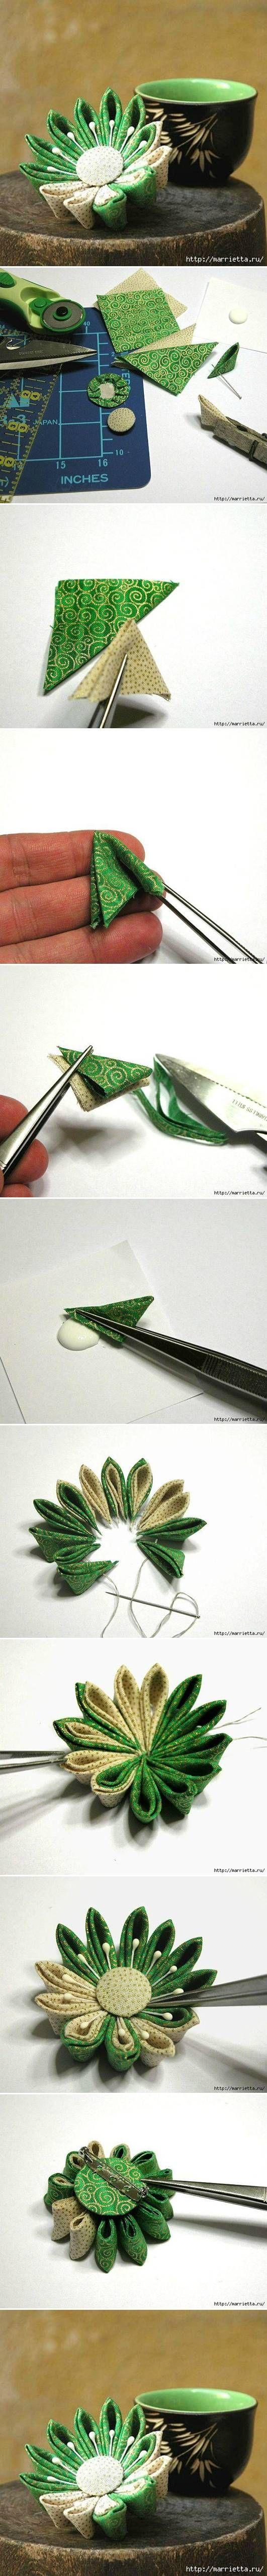 DIY Japanese Kanzashi Flower